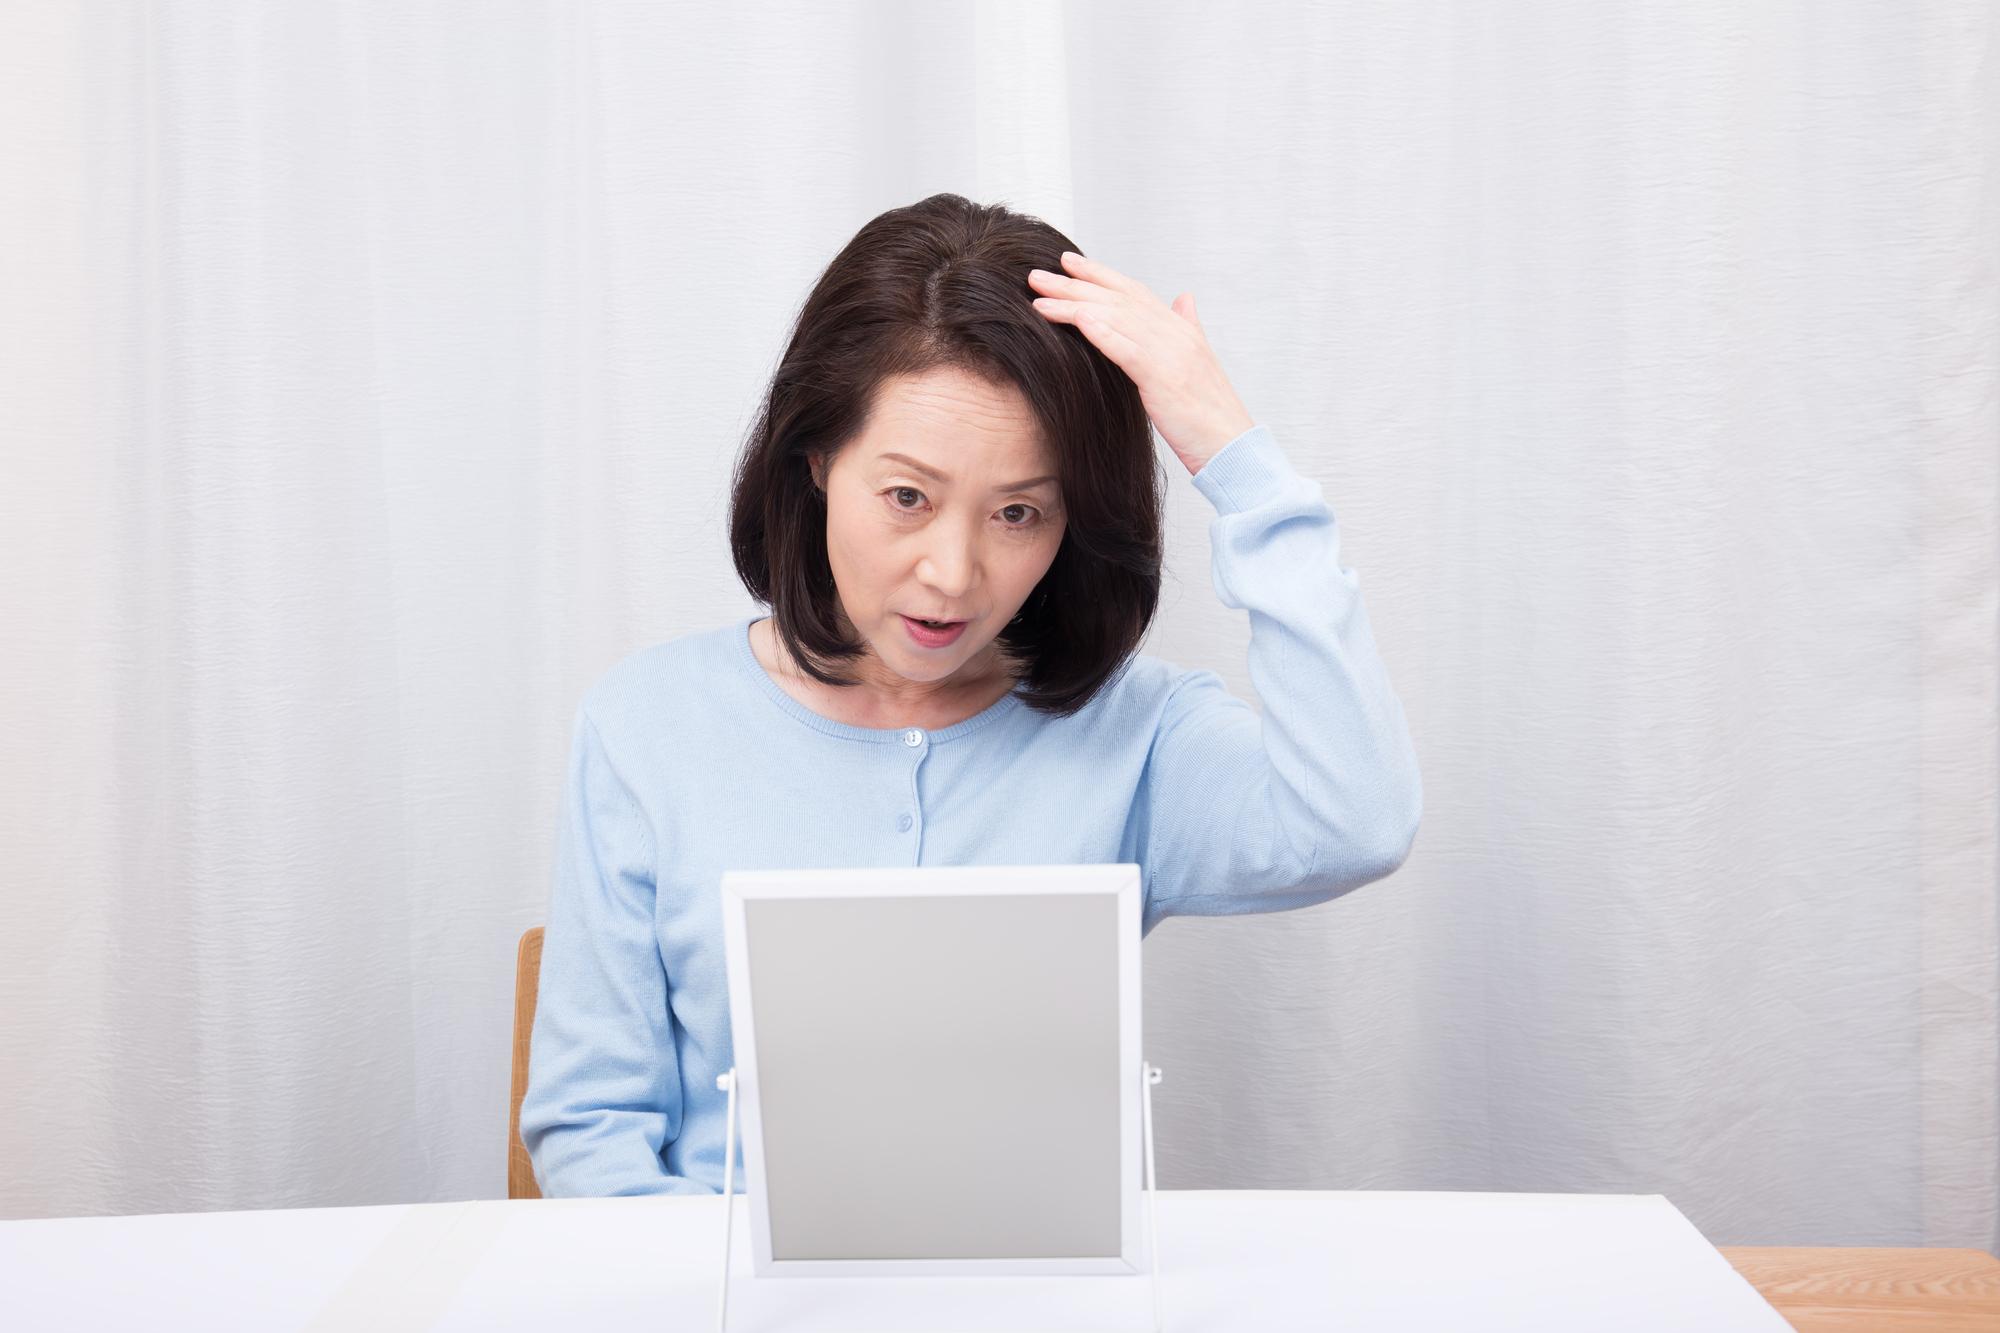 女性の薄毛治療としてのステロイドの効果とデメリット